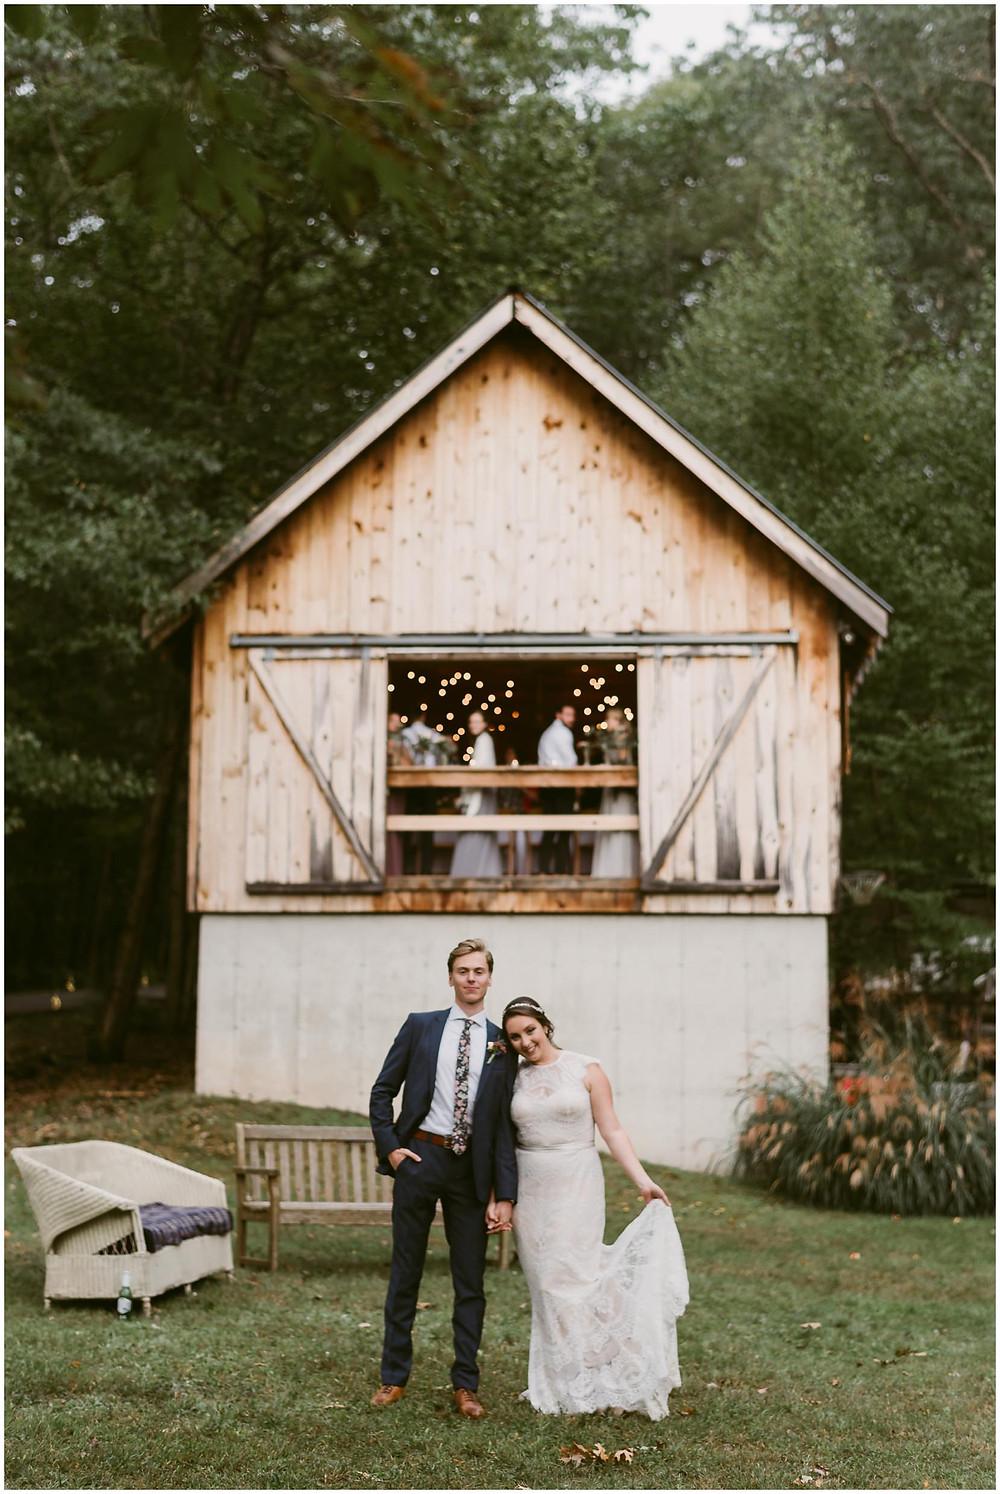 Outdoor fall wedding in the Catskills, NY